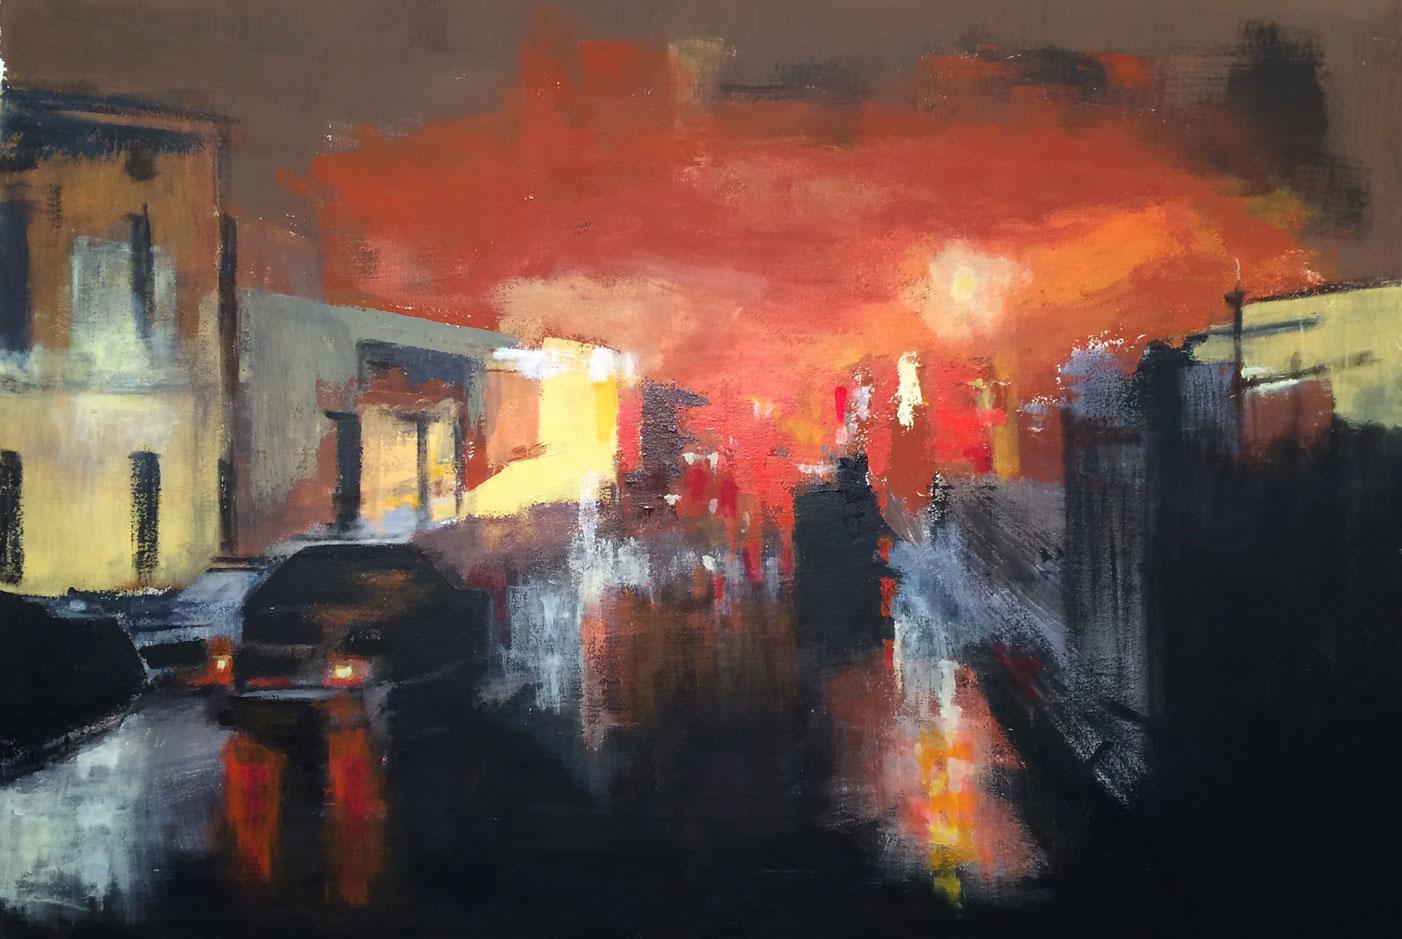 N°2104 - Acrylique et pigments sur toile - 89 x 130 cm - 11 décembre 2015